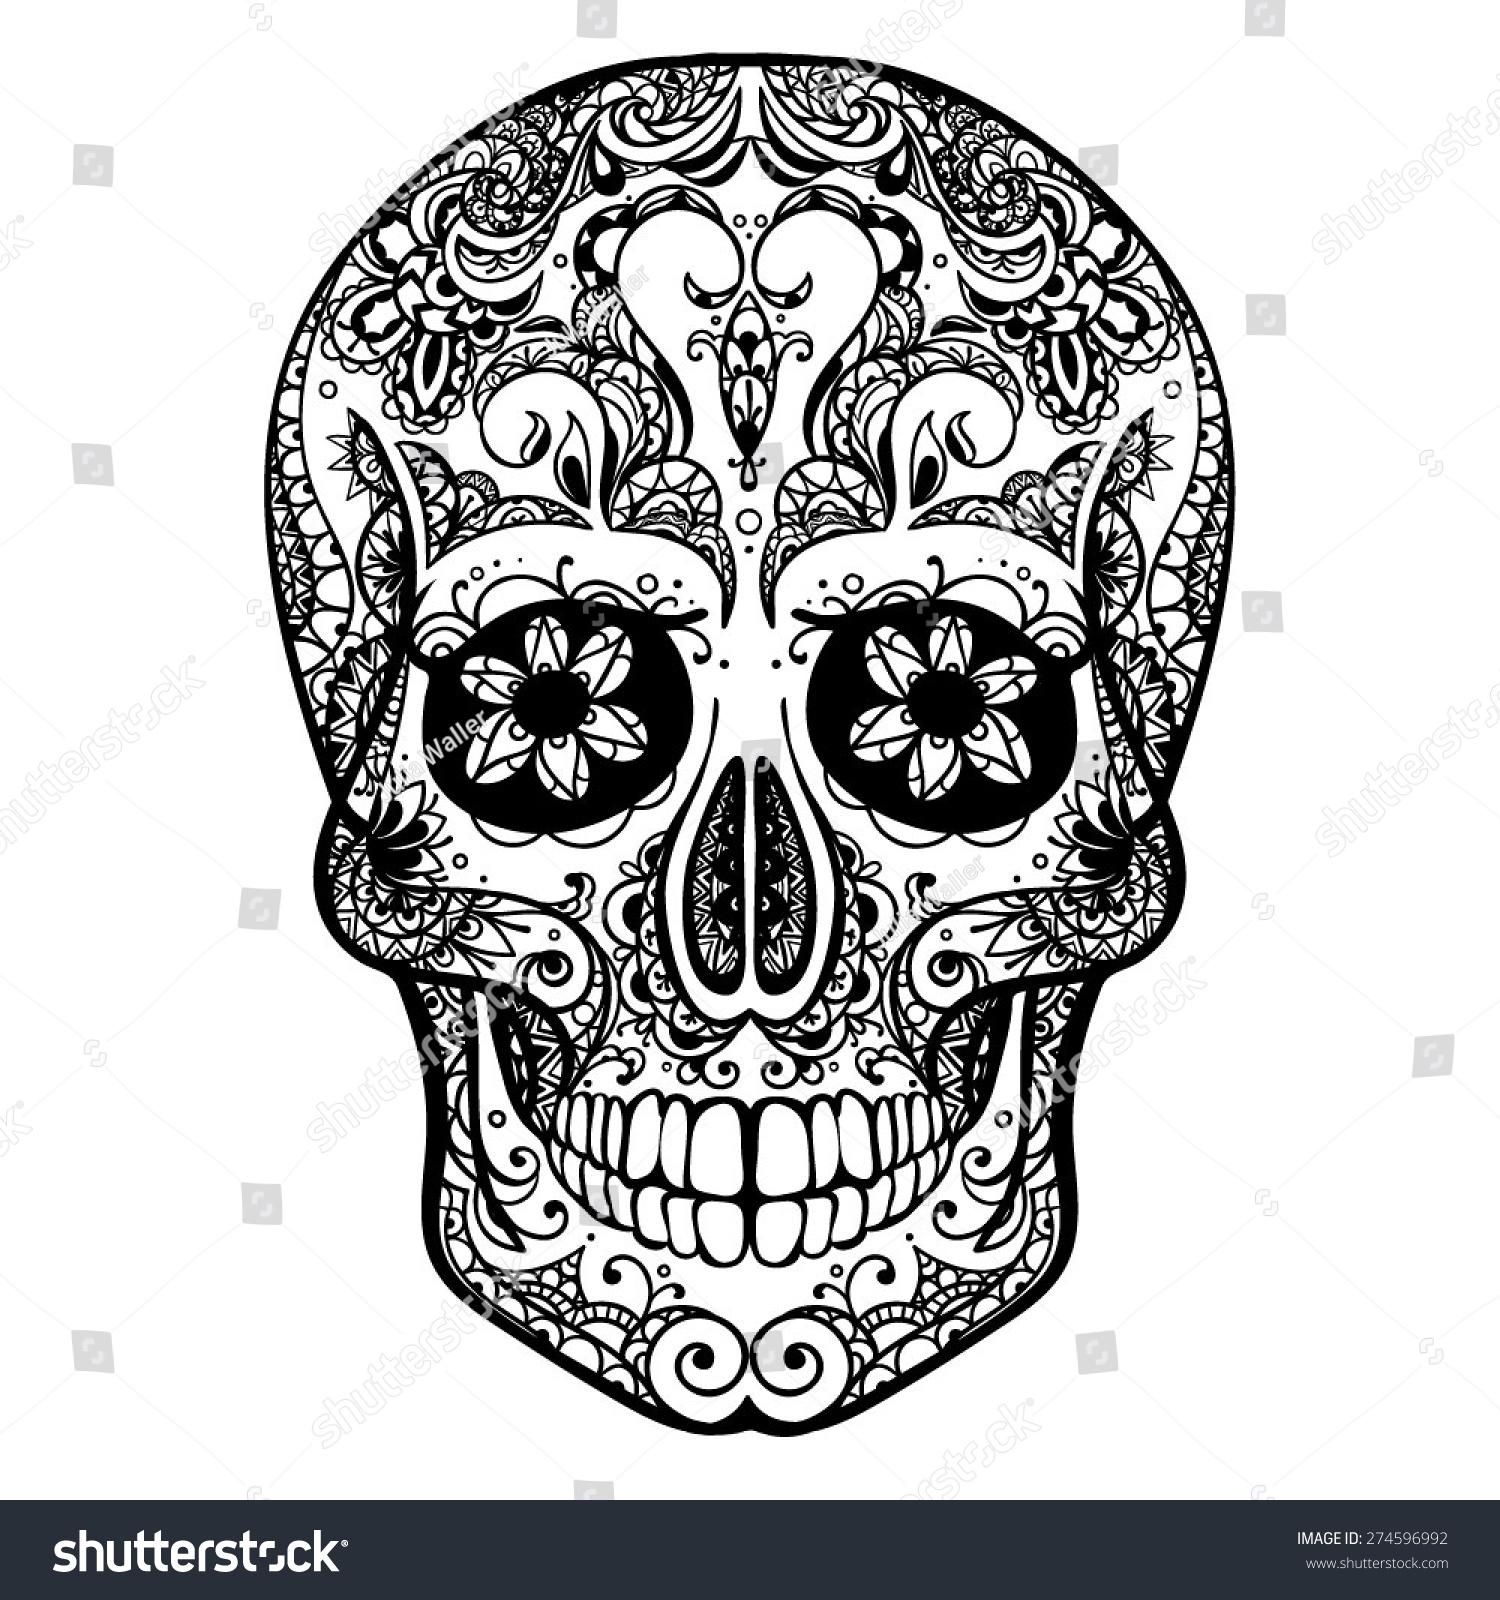 Tattoo Art Black And White: Vector Black White Tattoo Skull Illustration Stock Vector